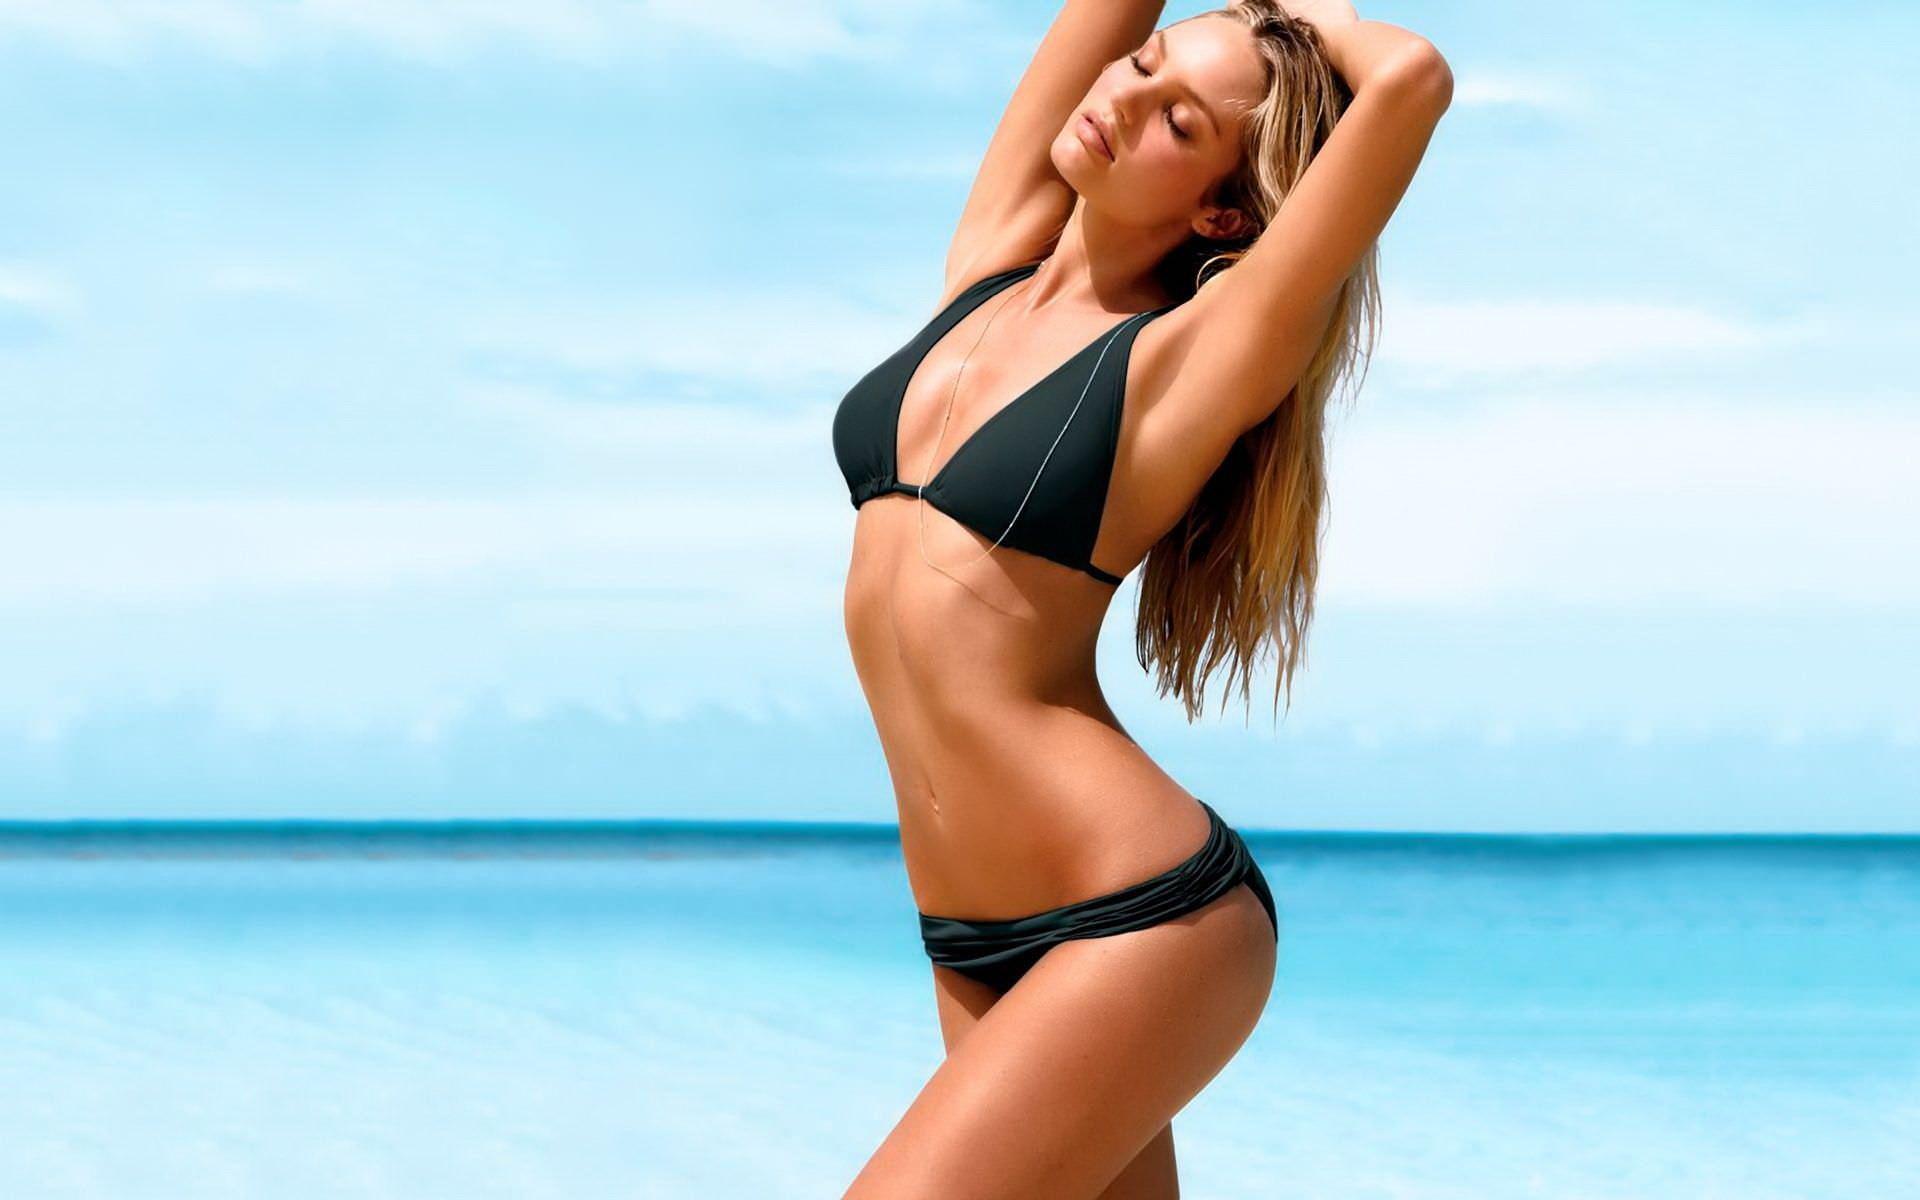 Мотивация для похудения – фото стройных девушек для мотивации на каждый день